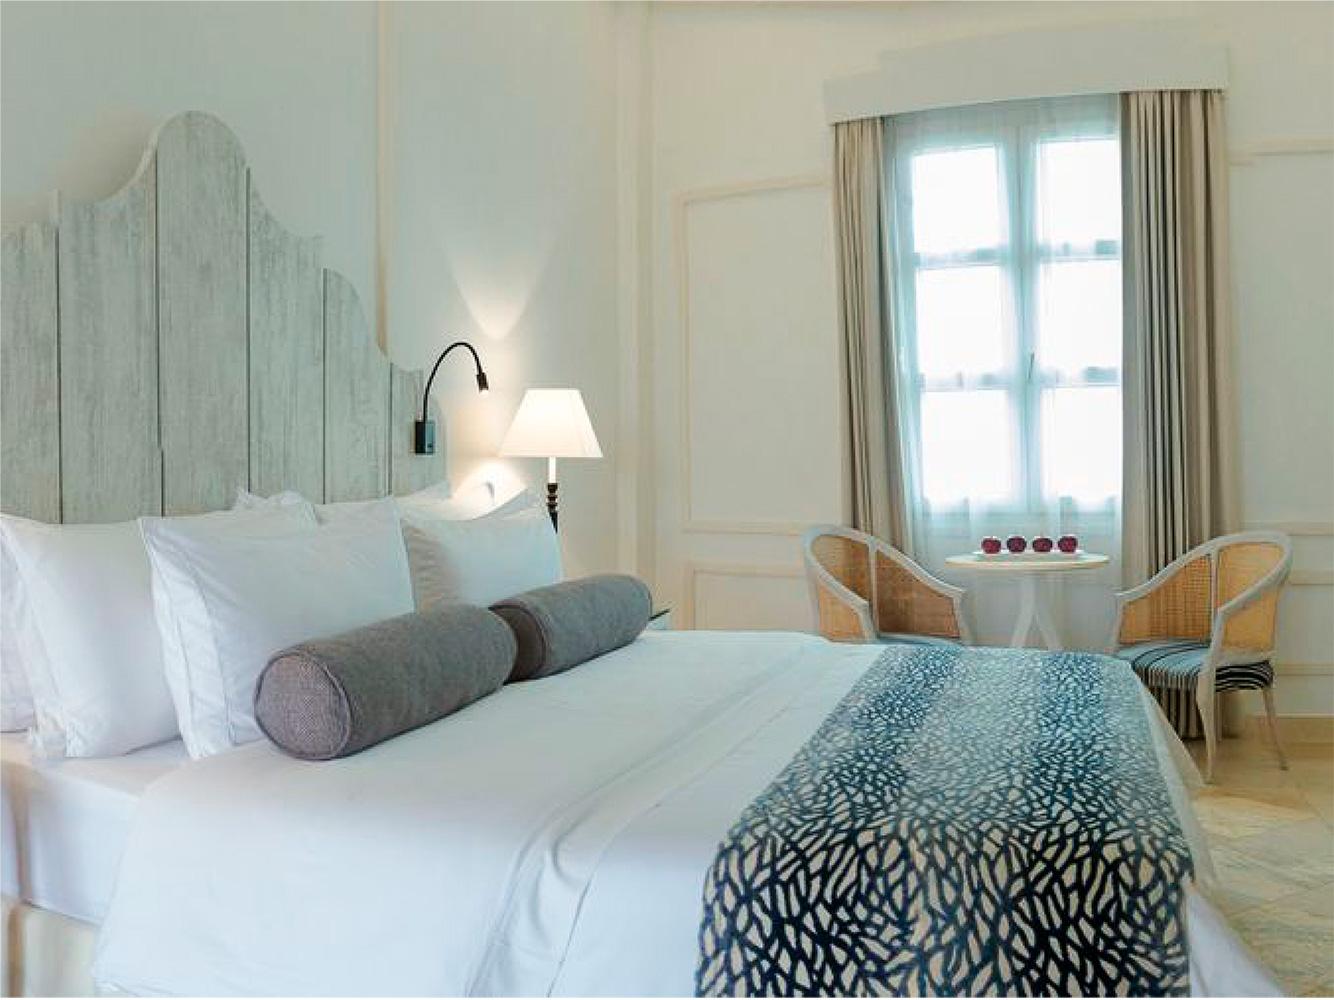 HOTEL CARIBE 14